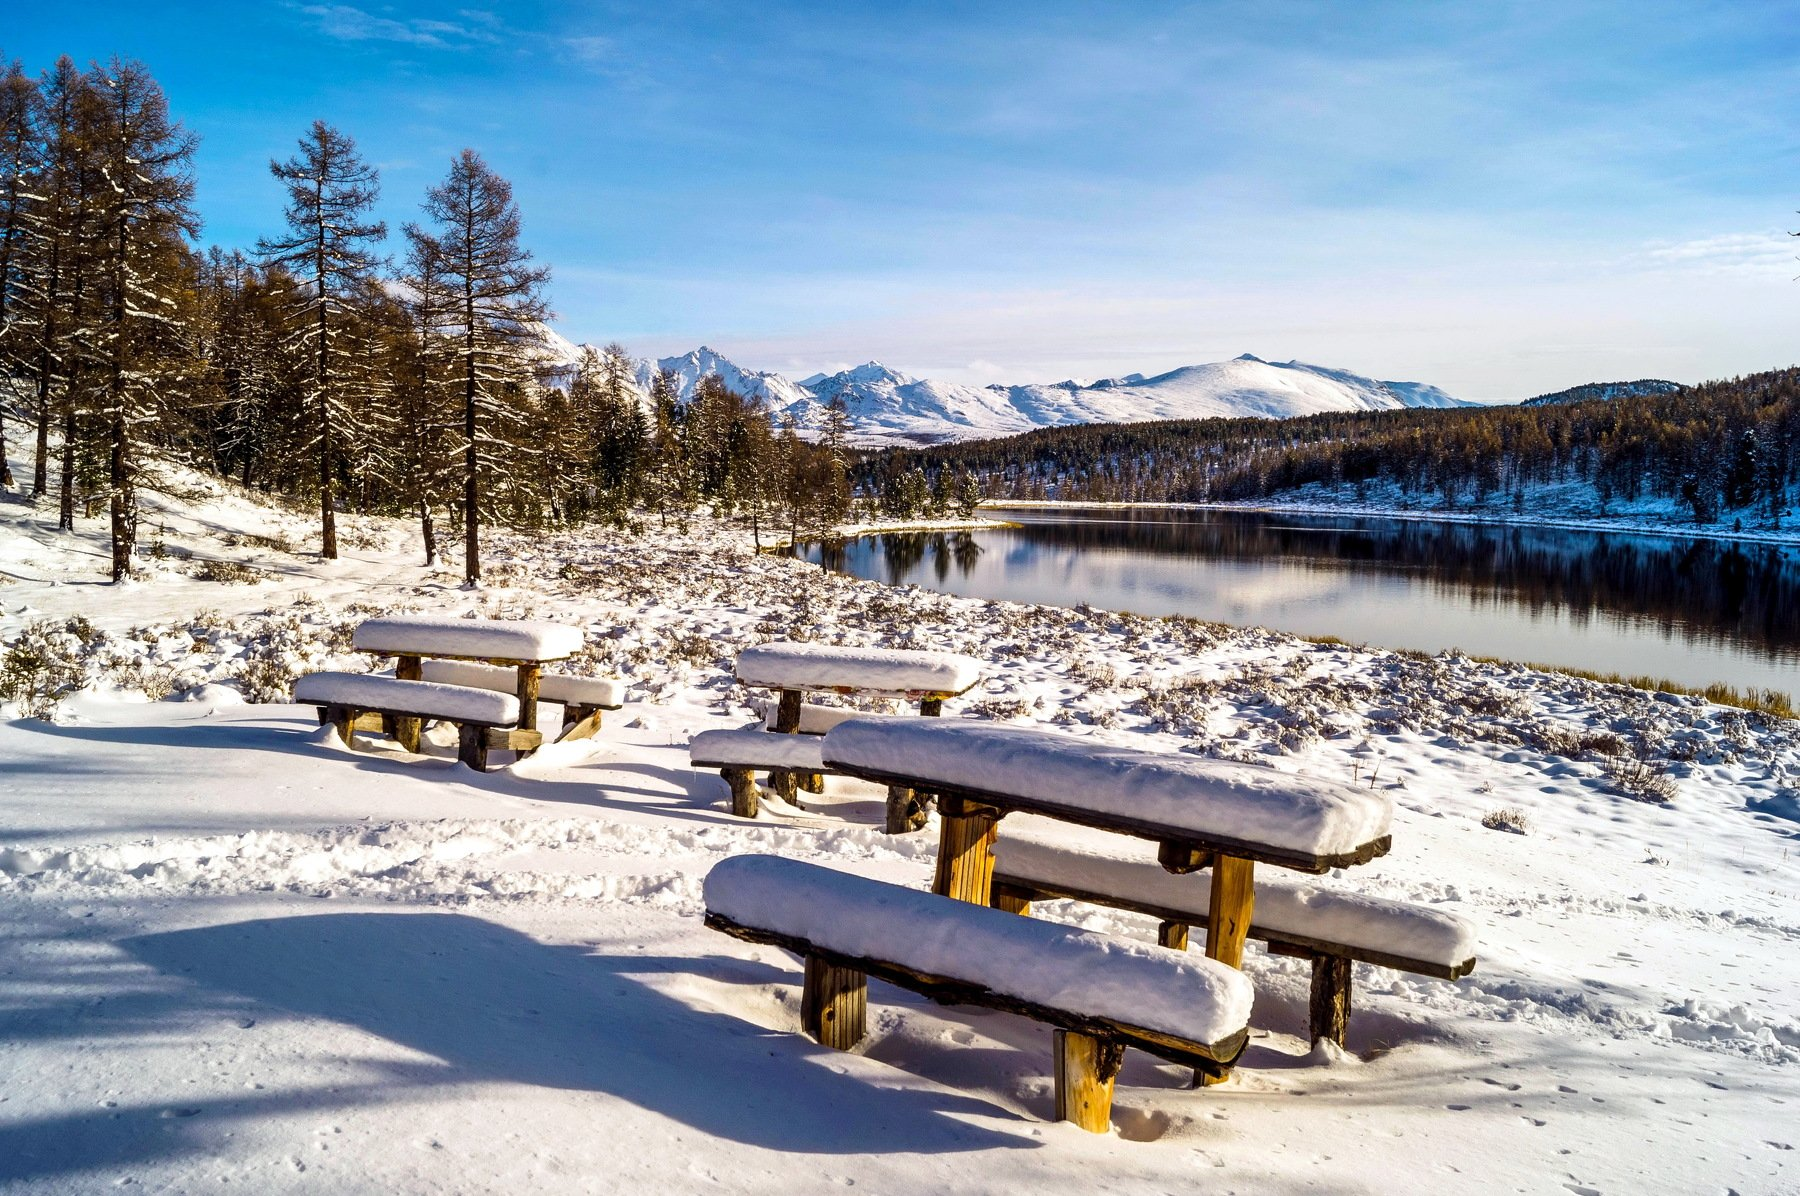 природа алтай путешествие  пейзаж  снег озеро киделю, Людмила